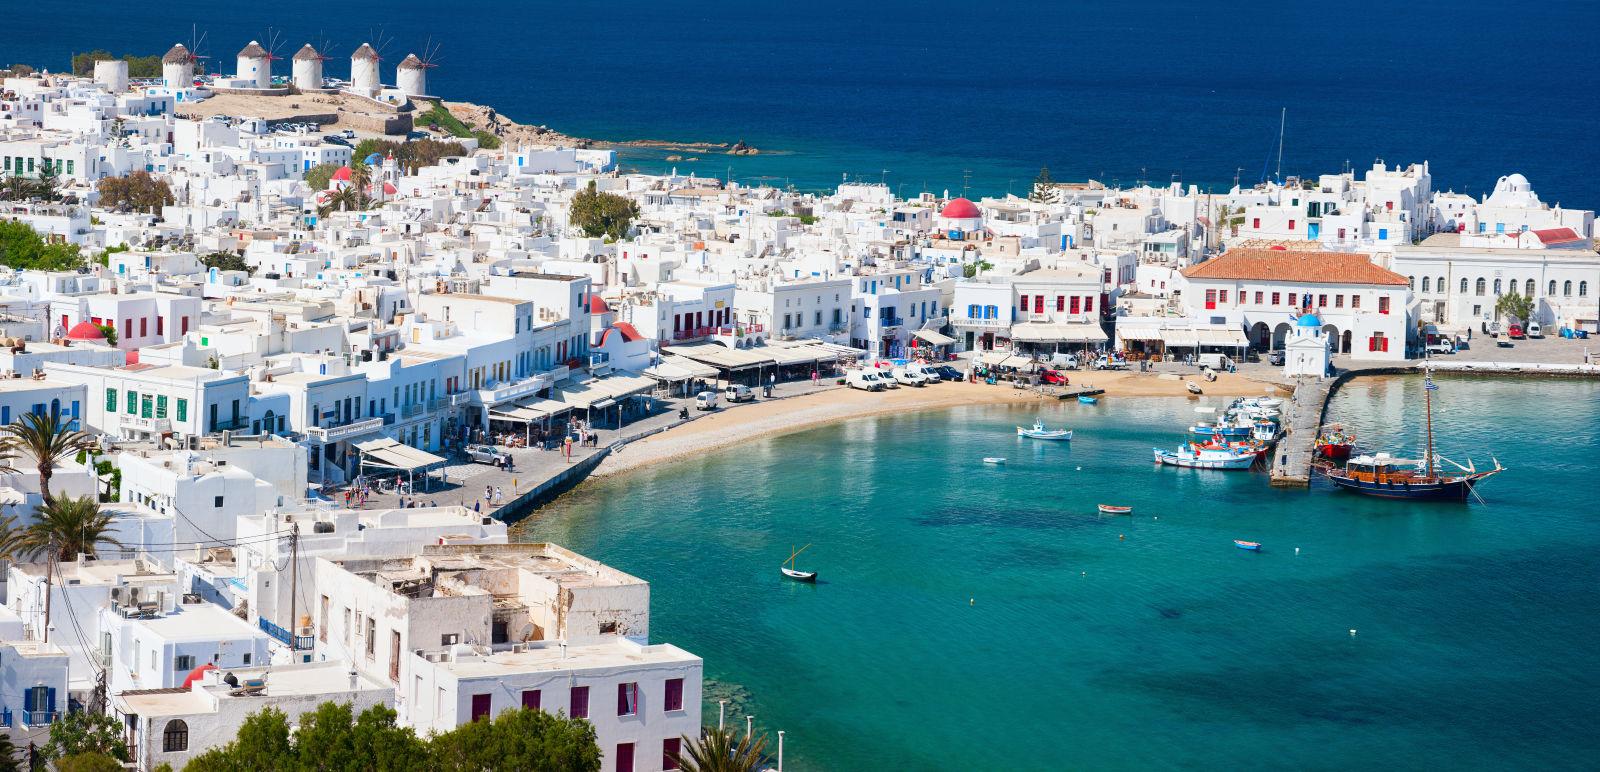 Europe, Greece, Mykonos